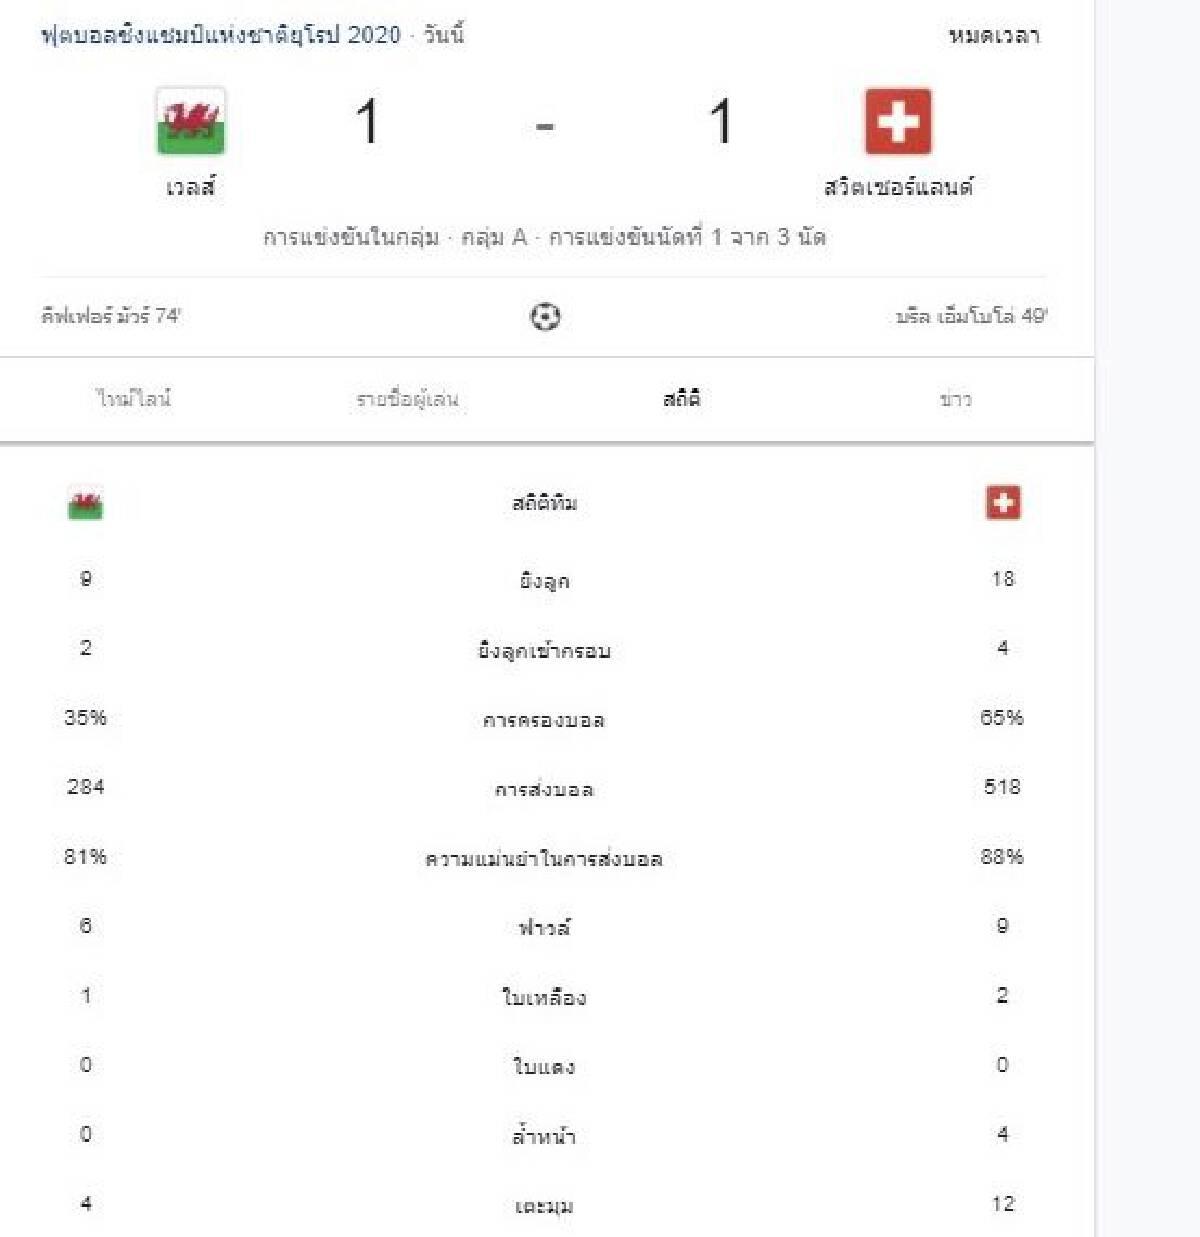 ยูโร 2020 : สถิติในเกมส์ระหว่าง เวลส์ กับ สวิตเซอร์แลนด์